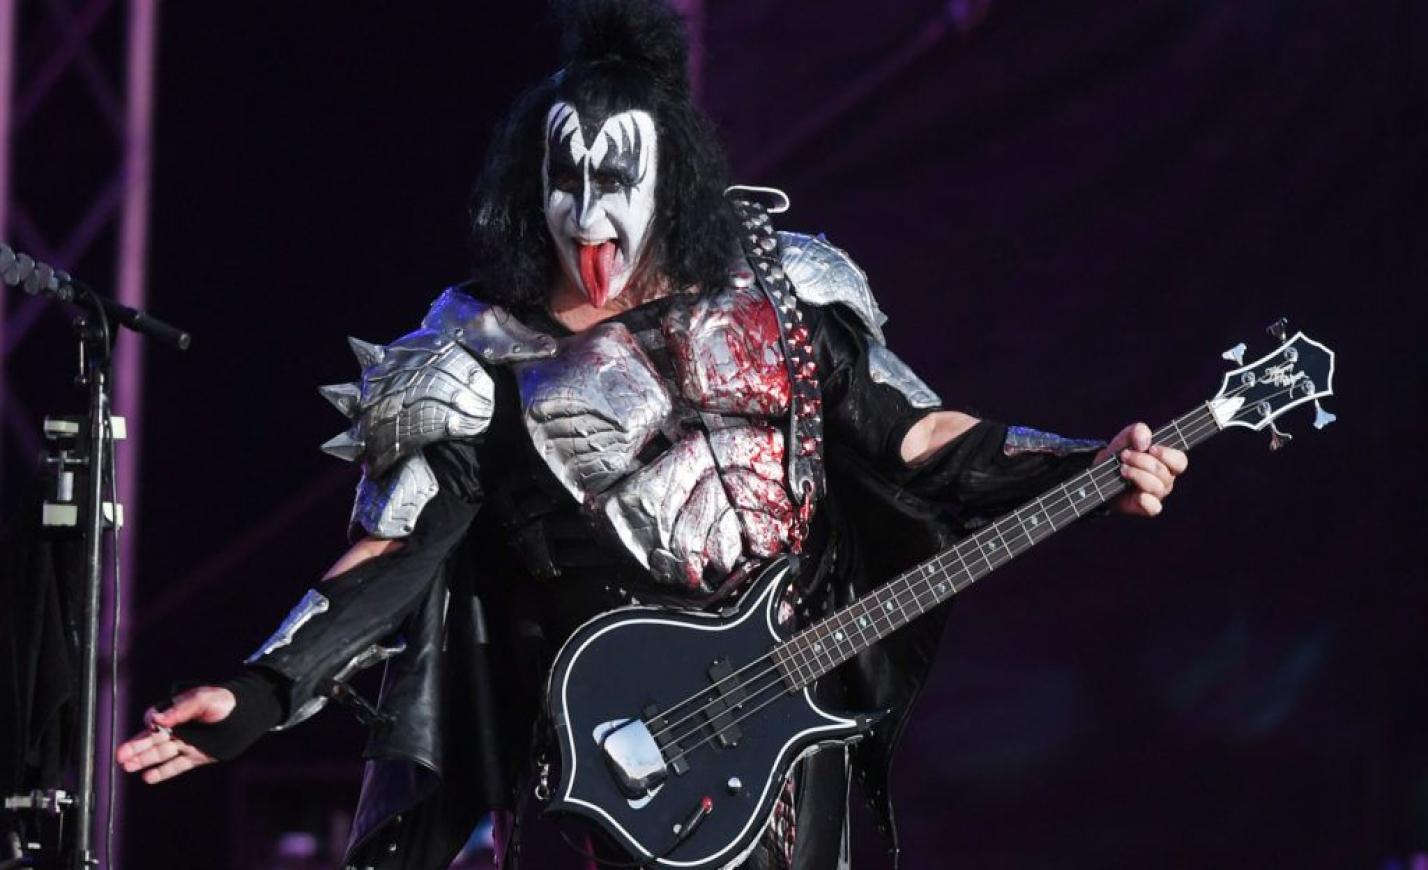 A Kiss frontemberének müzlije sokkolta az internetet